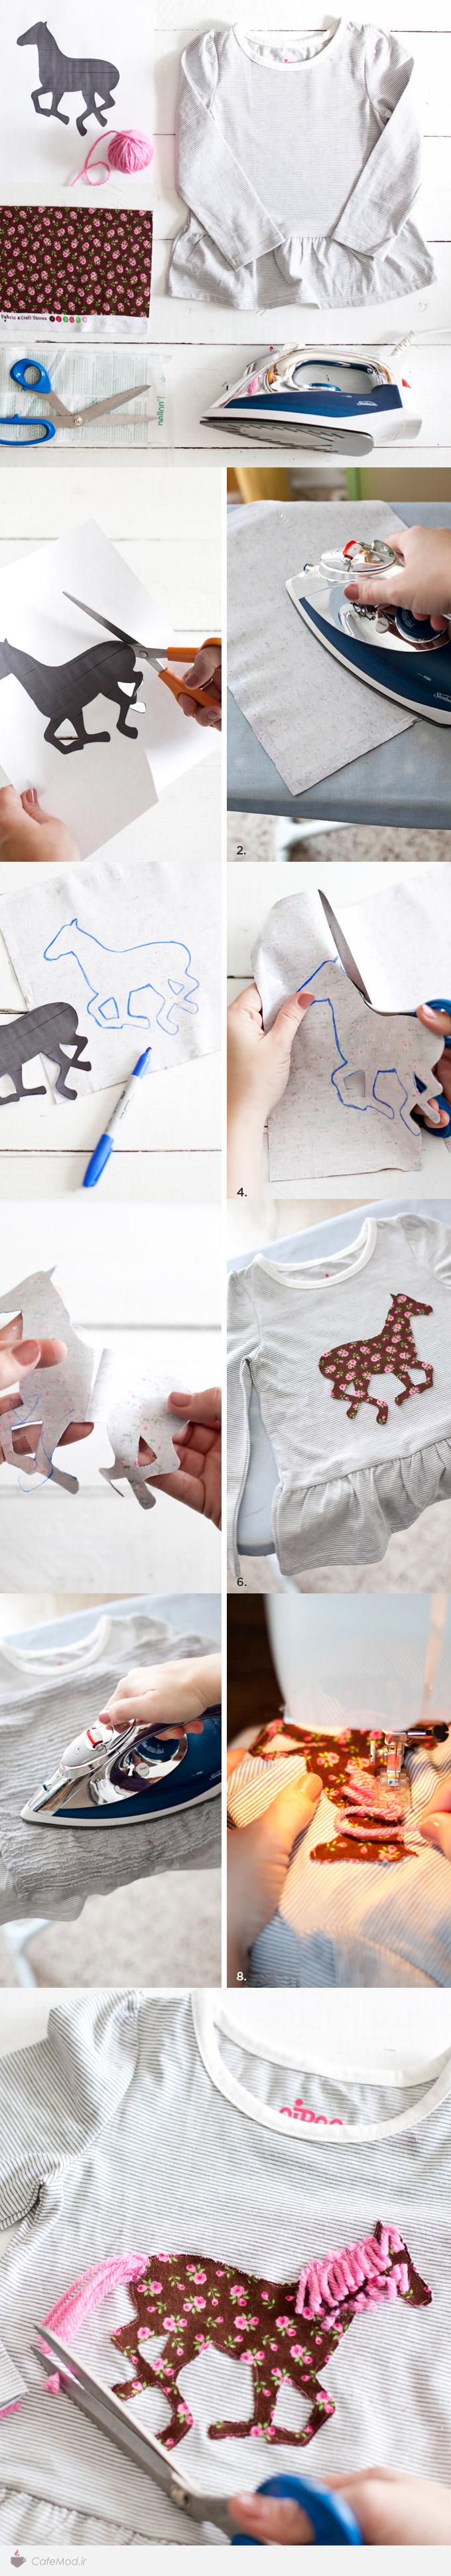 آموزش تزئین لباس ساده بچگانه